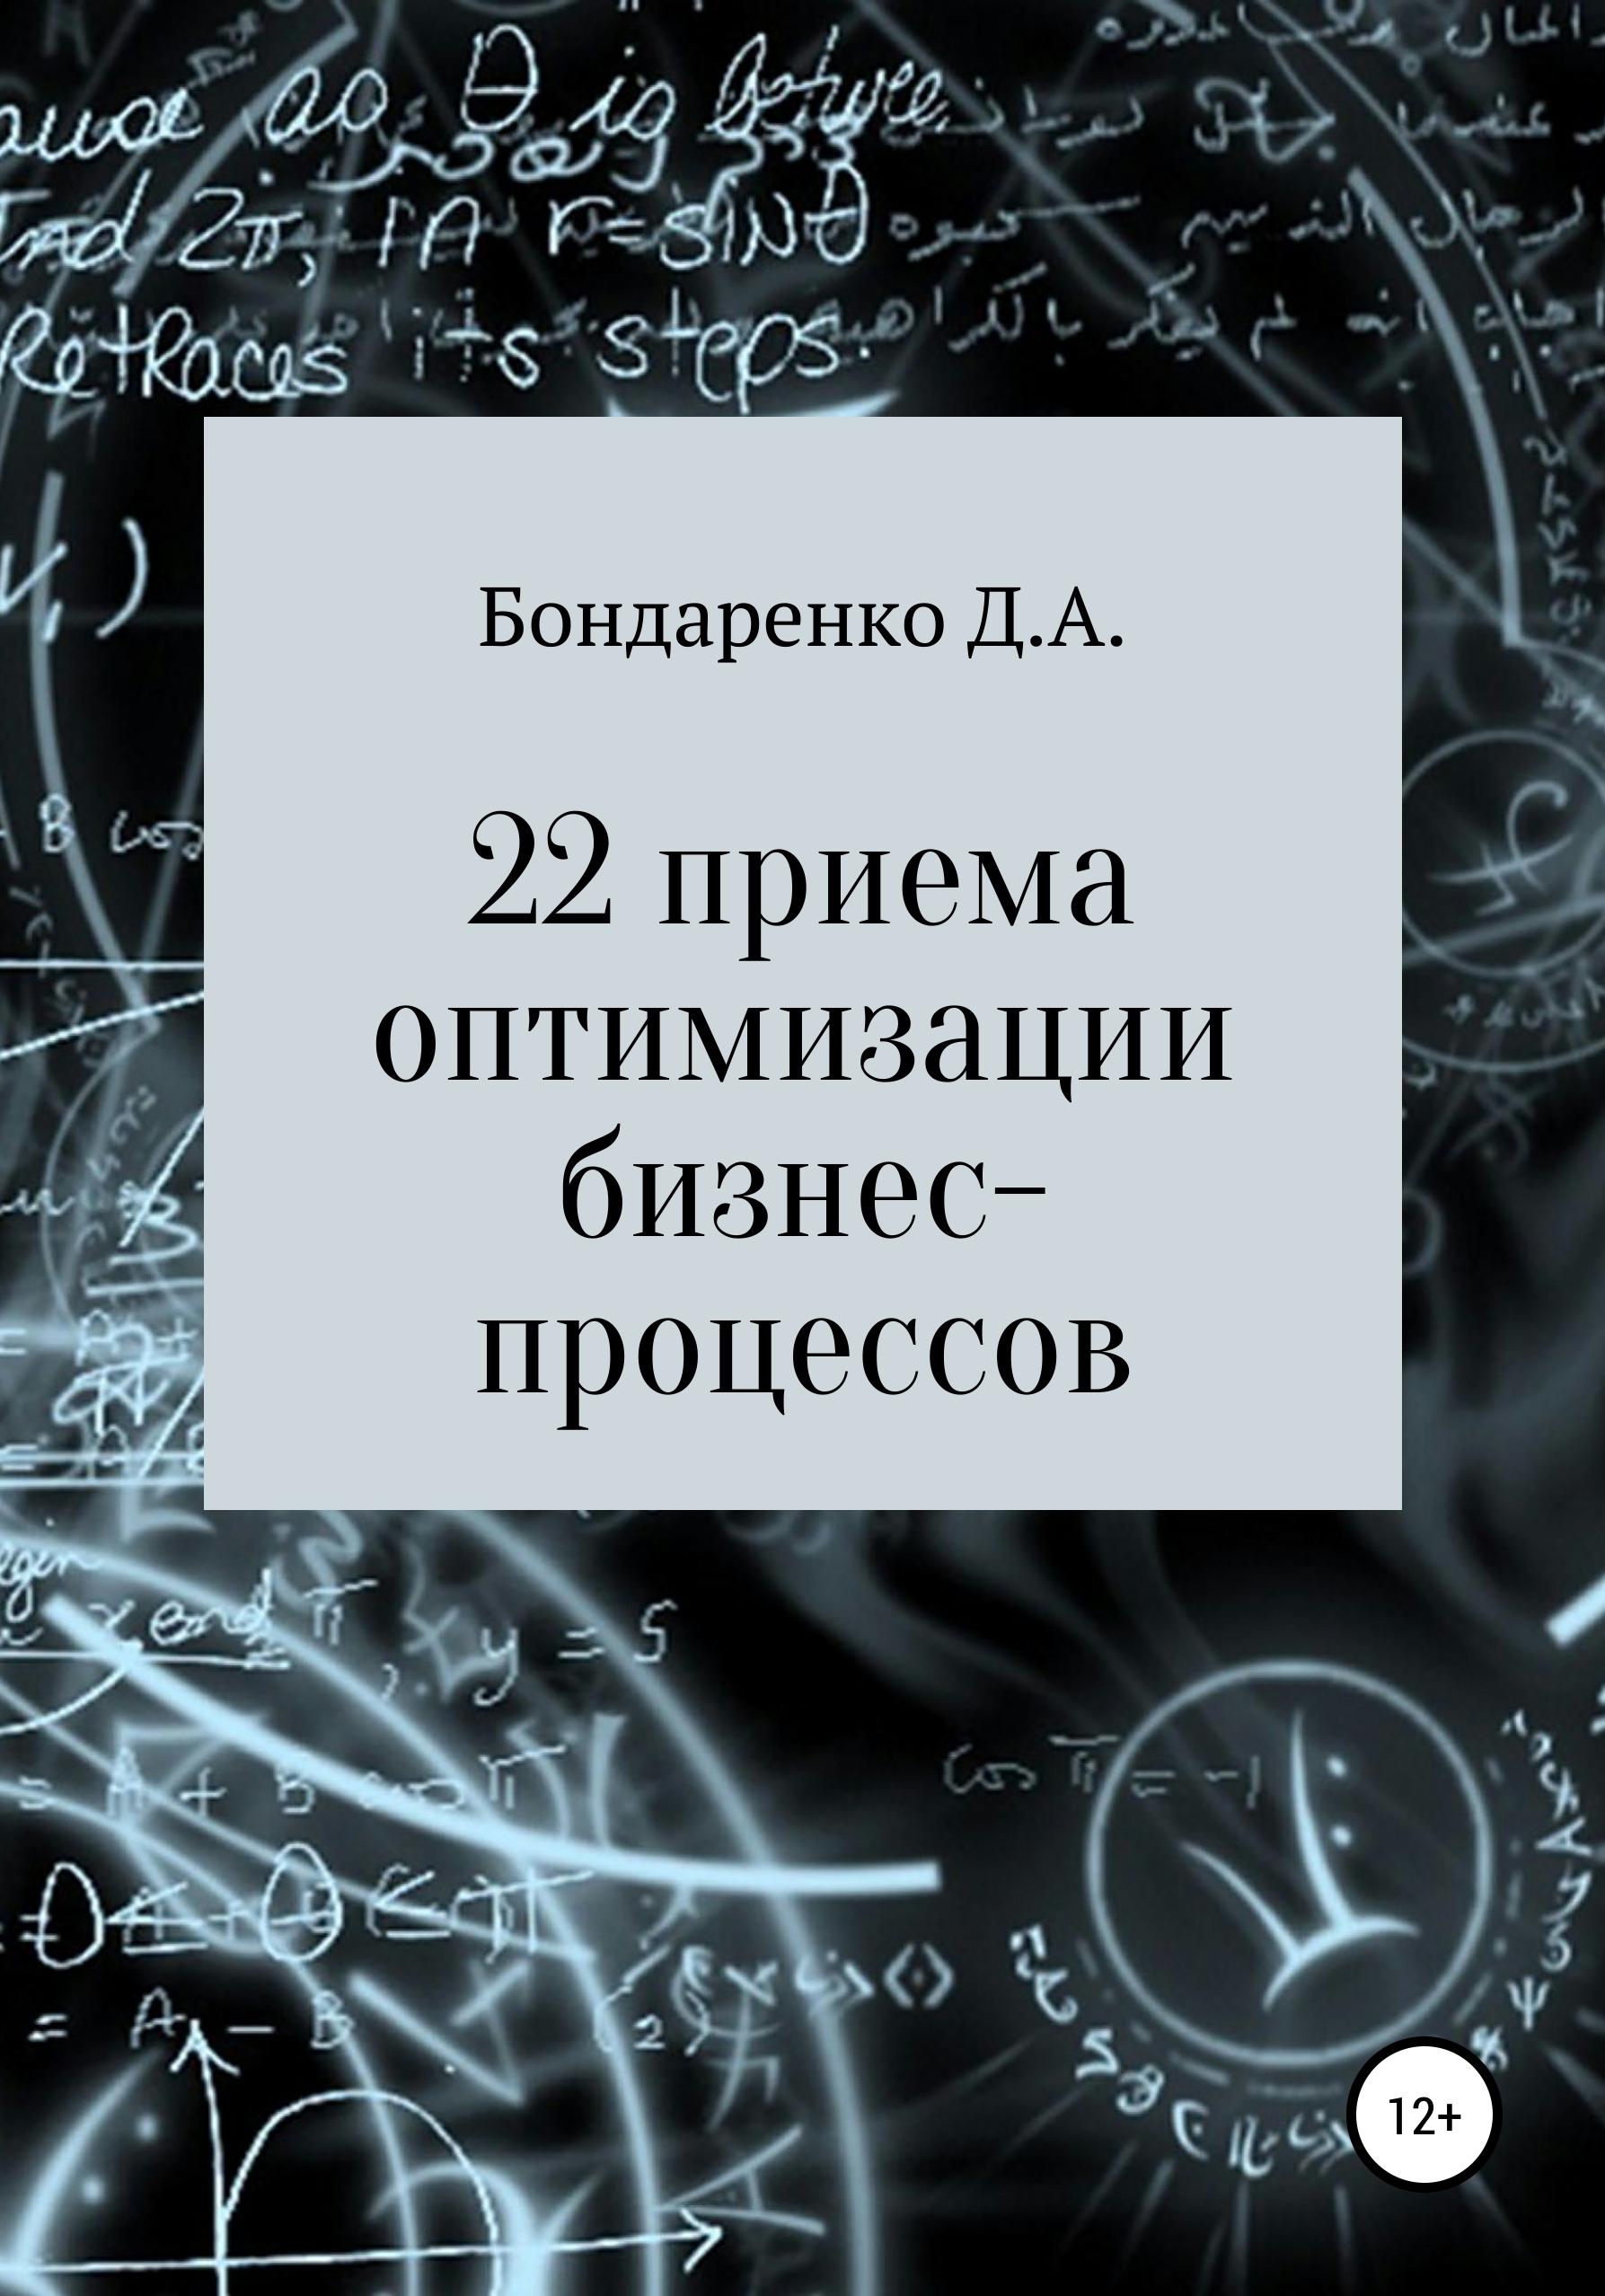 Обложка книги. Автор - Денис Бондаренко